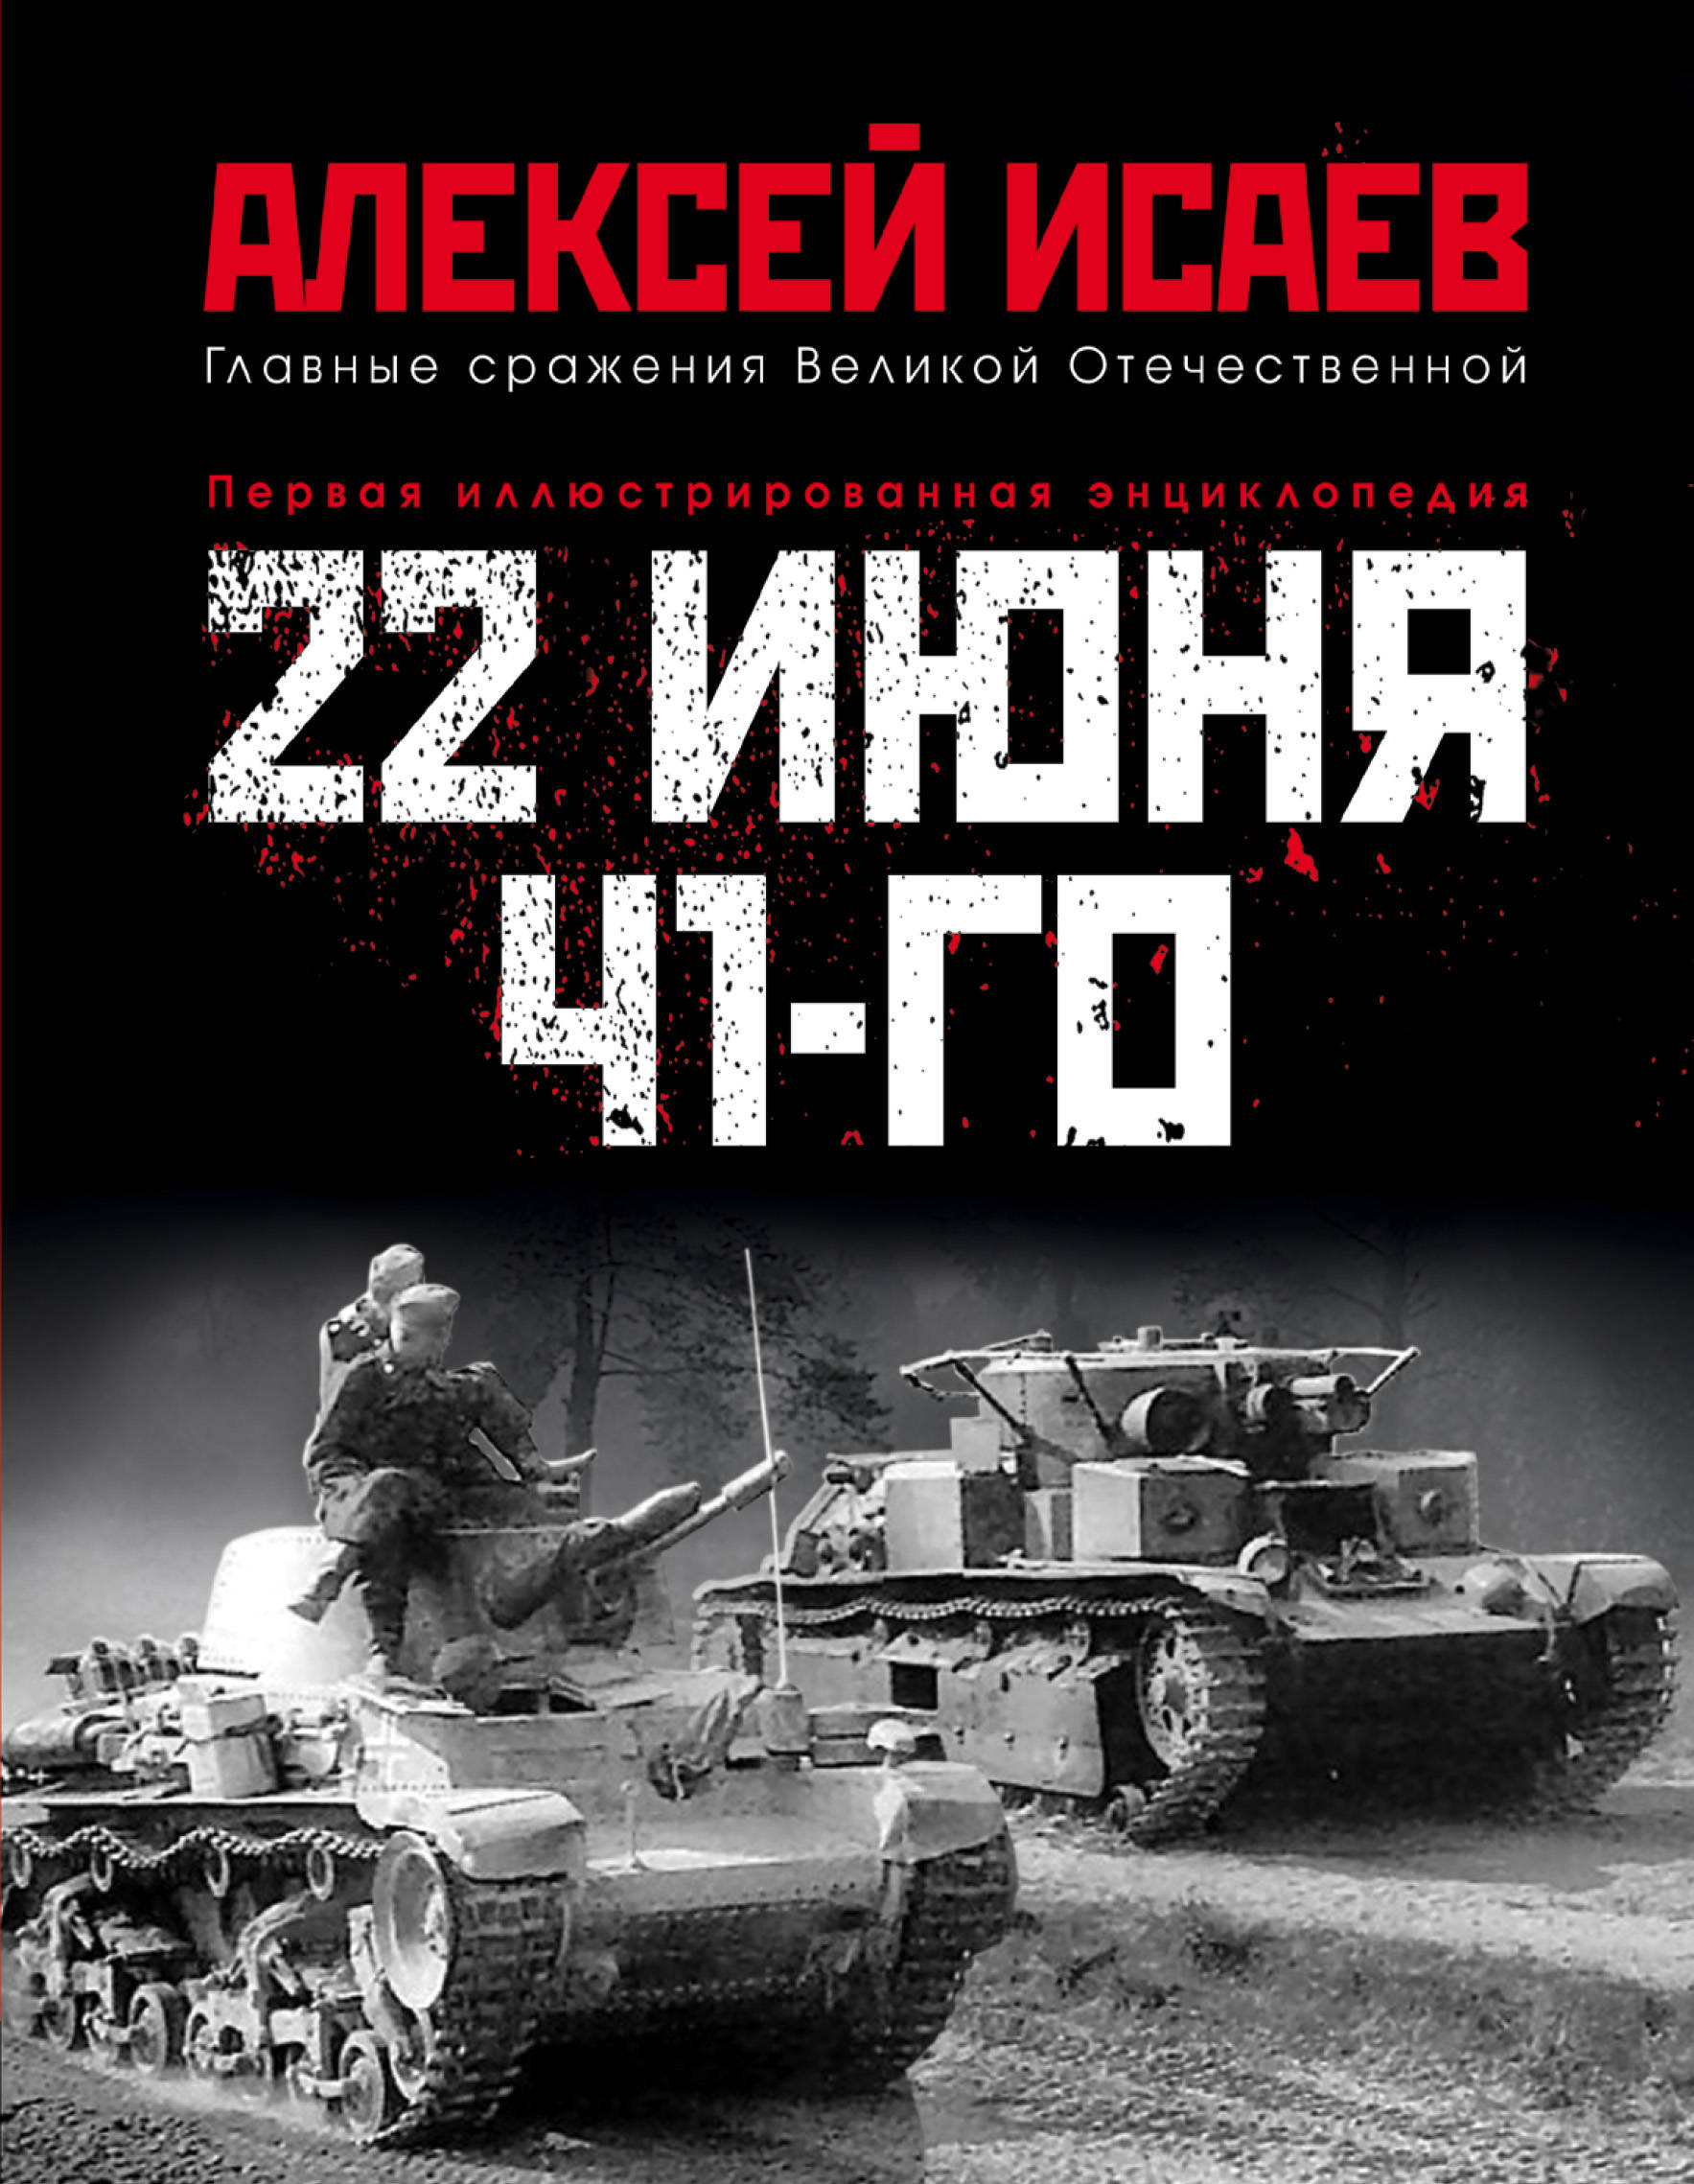 Исаев Алексей Валерьевич 22 июня 41-го: Первая иллюстрированная энциклопедия савицкий г яростный поход танковый ад 1941 года